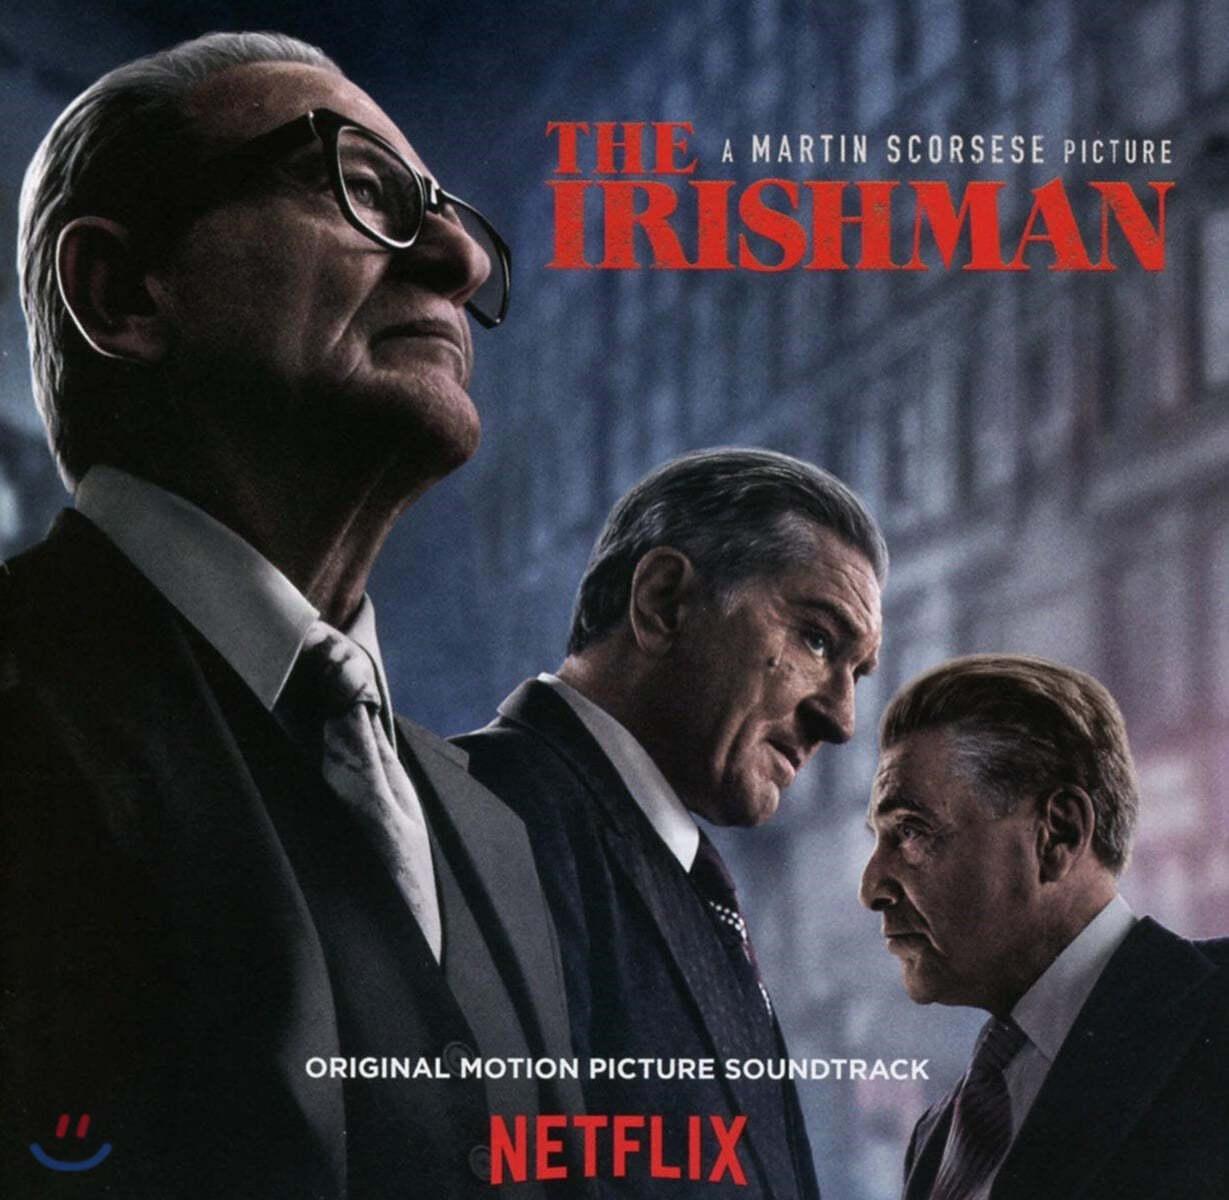 아이리시맨 영화음악 (The Irishman Original Motion Picture Soundtrack)